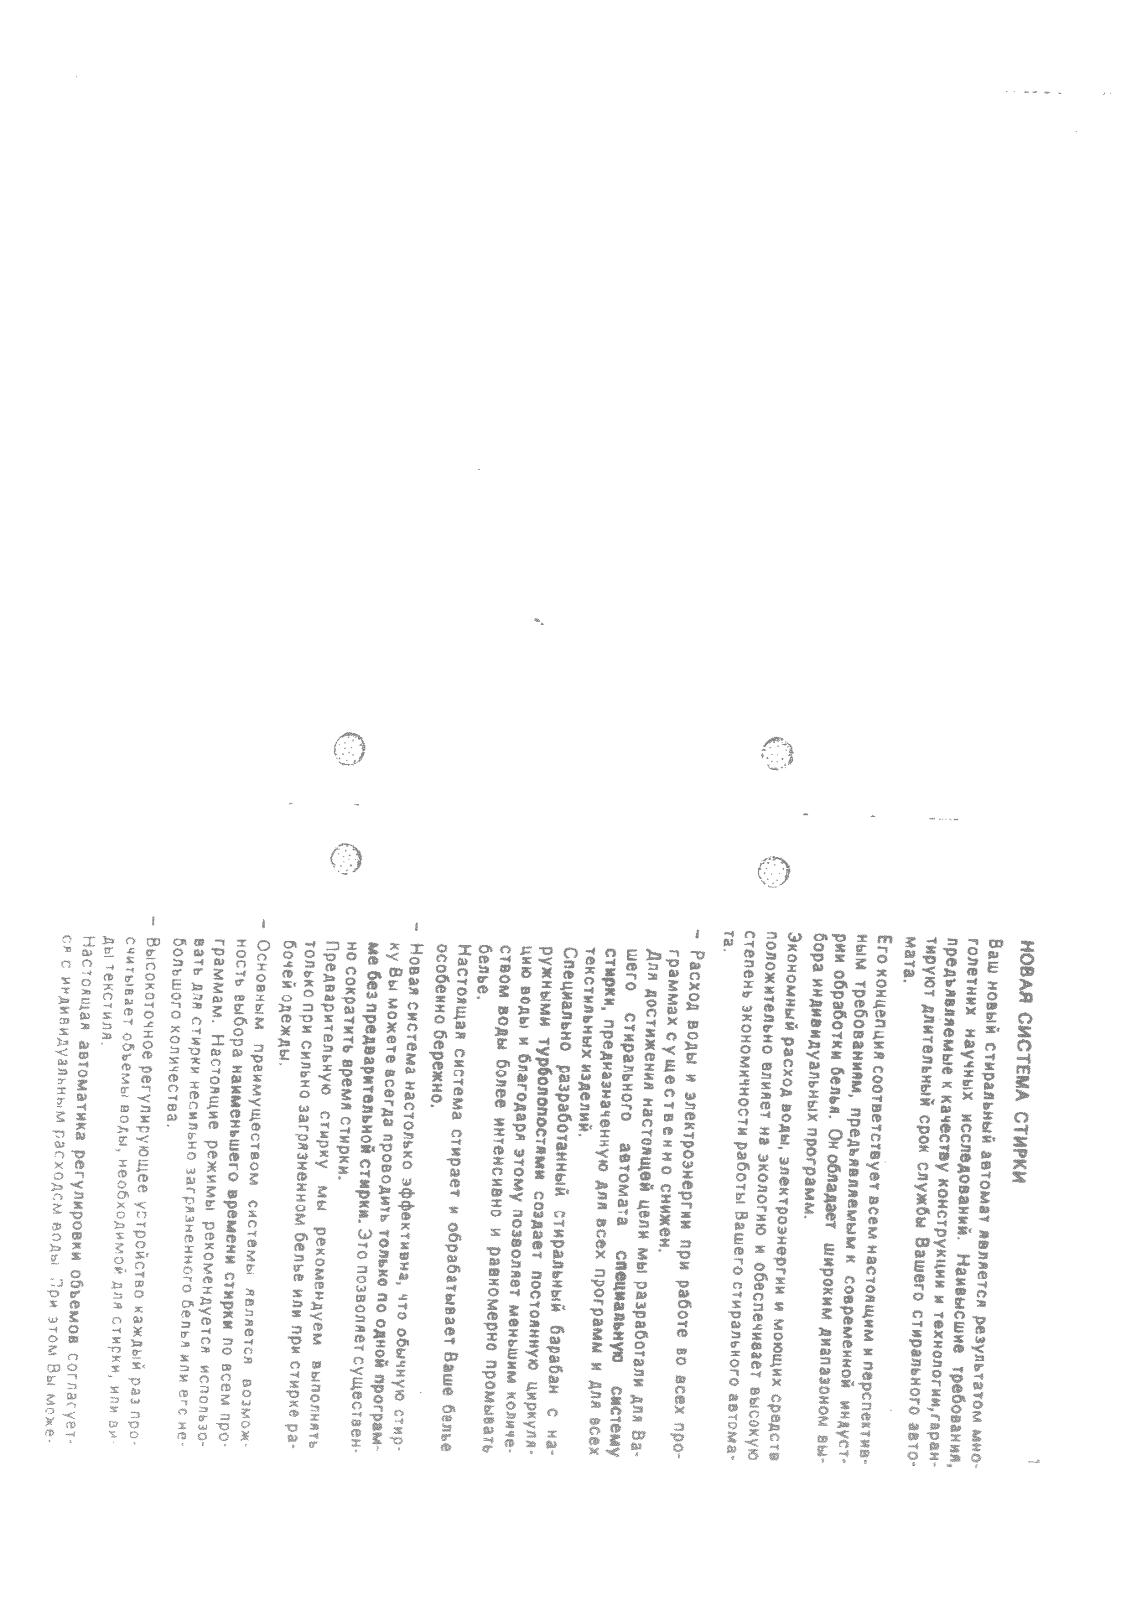 Griglia Completa 006560